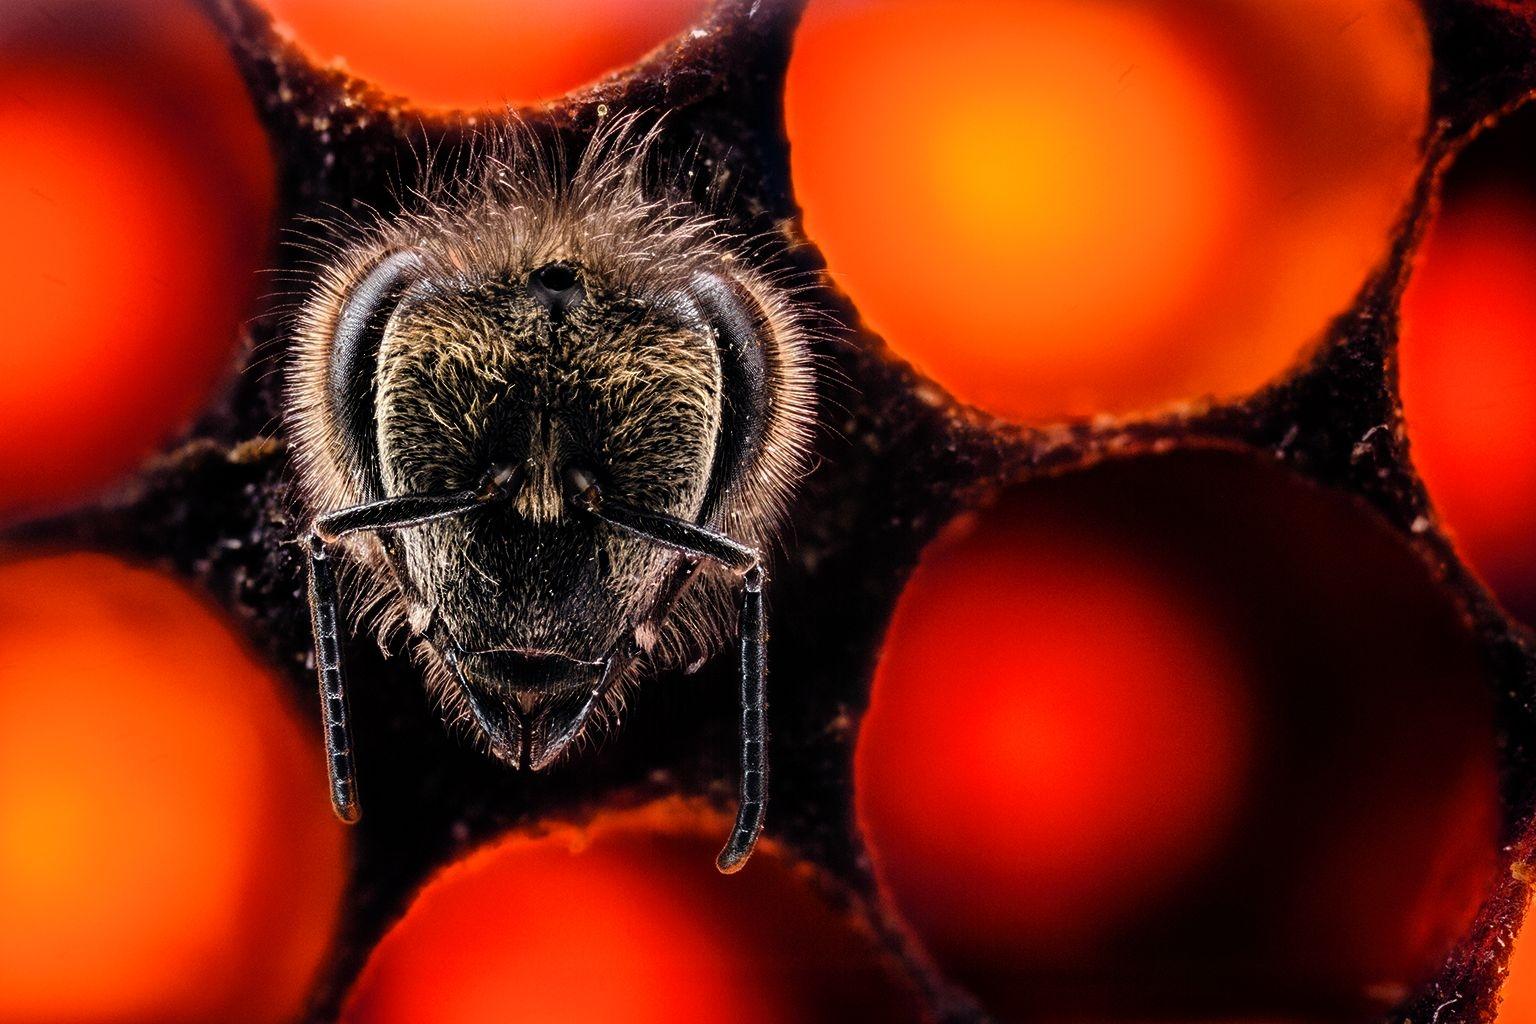 一隻新生蜜蜂爬出孵育蜂卵的巢室。在六週的壽命裡,這隻工蜂將會覓食、製造蜂蜜——並且養育下一代。影像由23張數位合成照片組成SOURCE: BILLY SYNK, HARRY H. LAIDLAW JR. HONEY BEE RESEARCH FACILITY, UC DAVIS